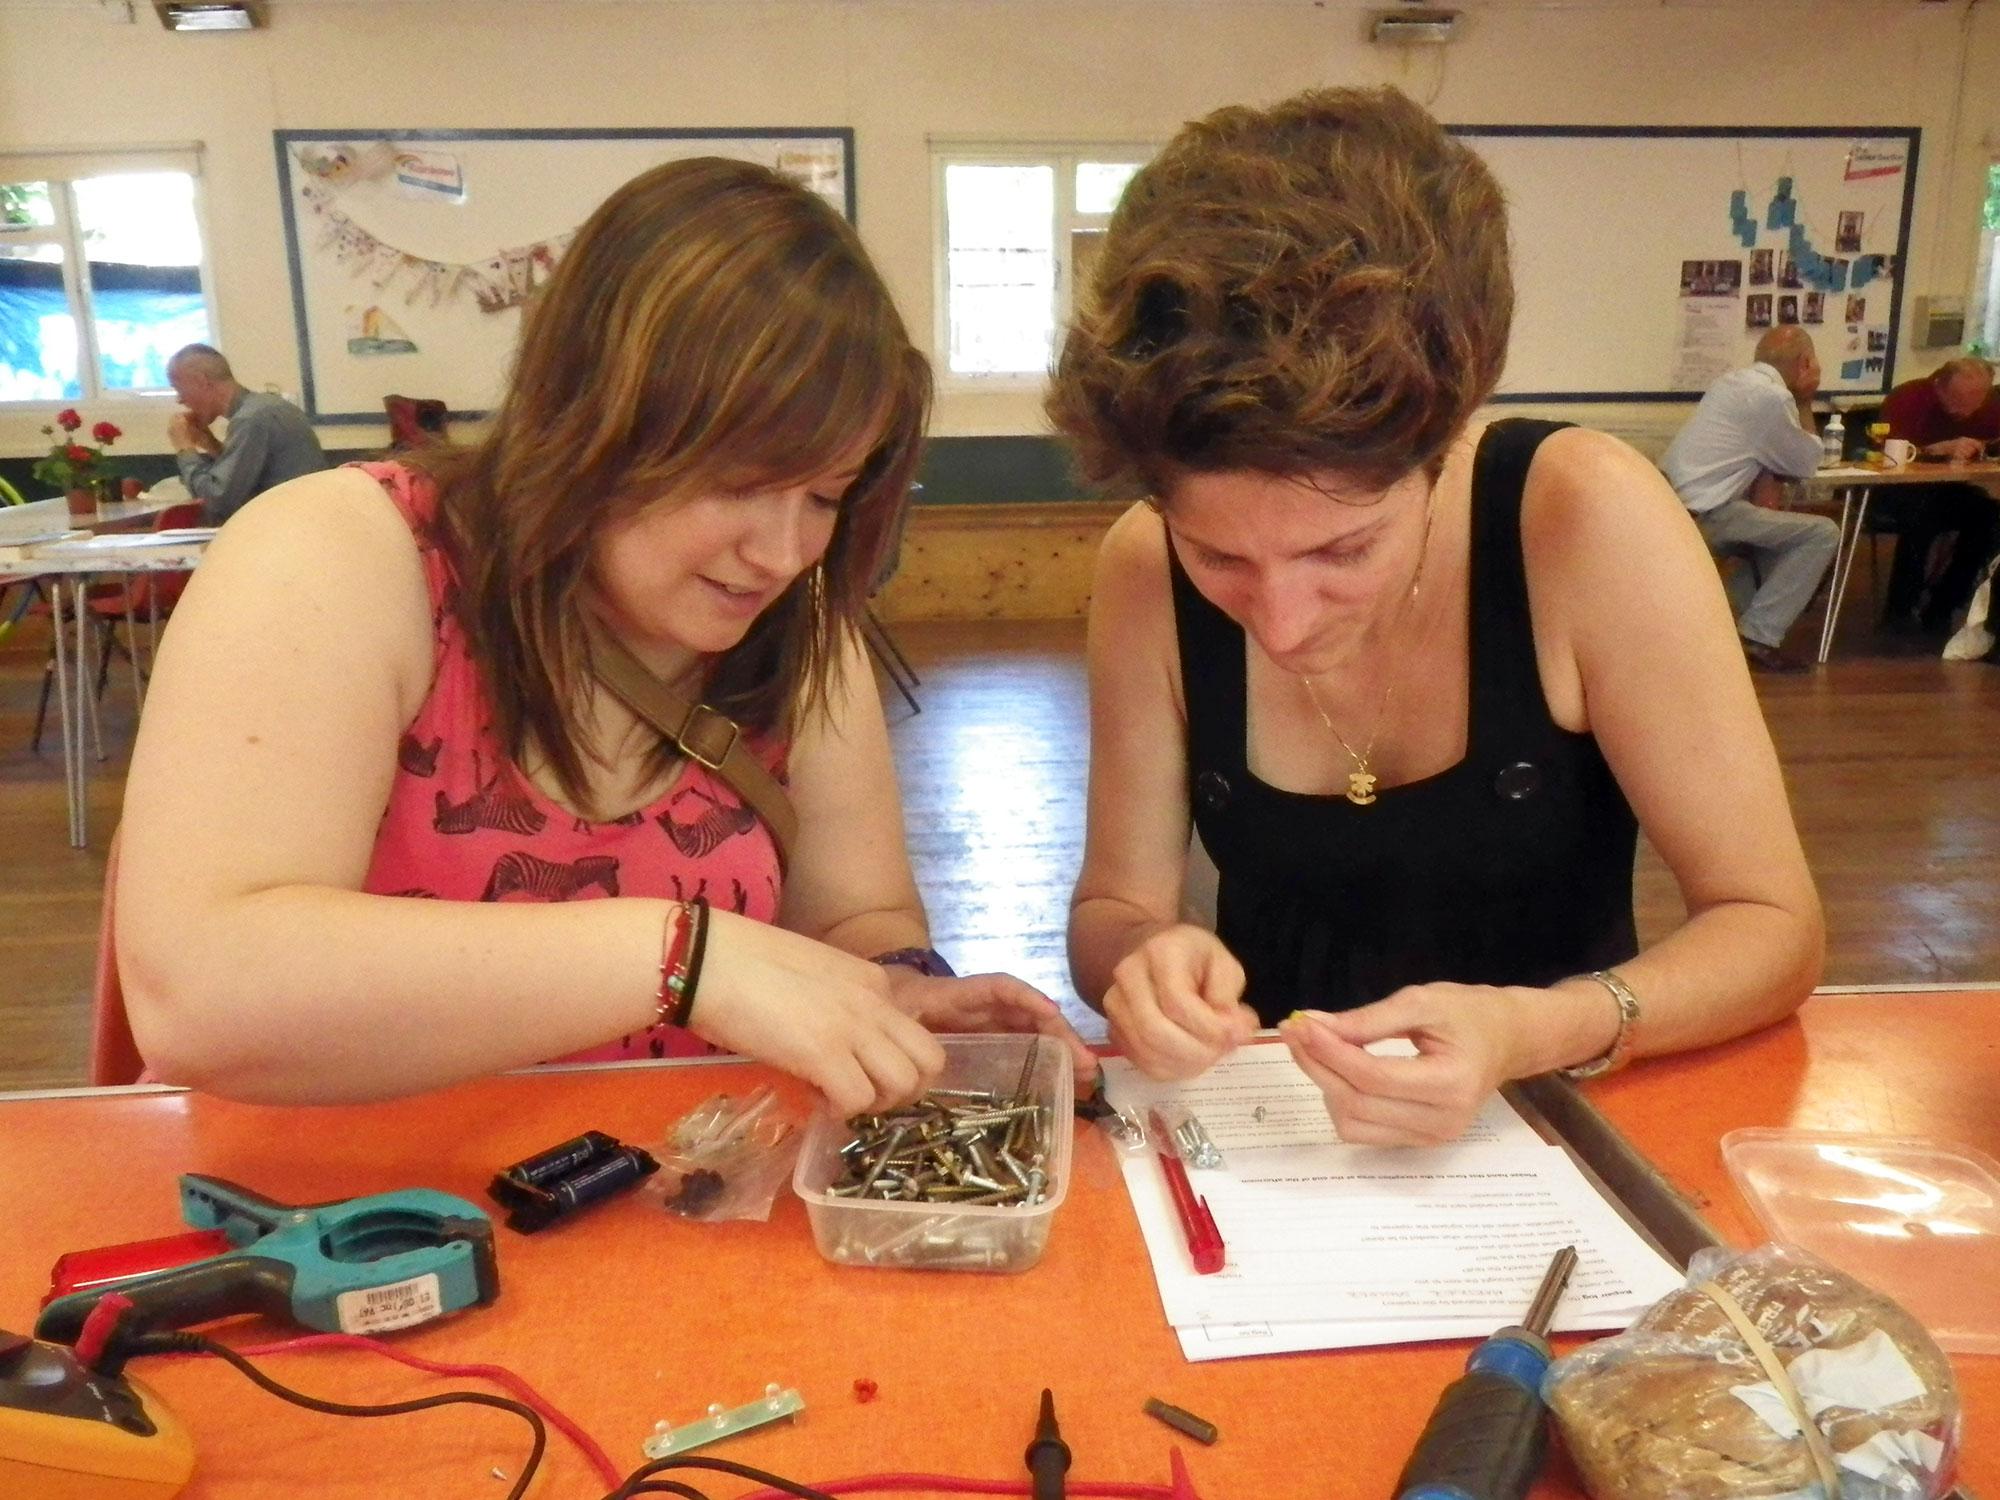 Women repairing